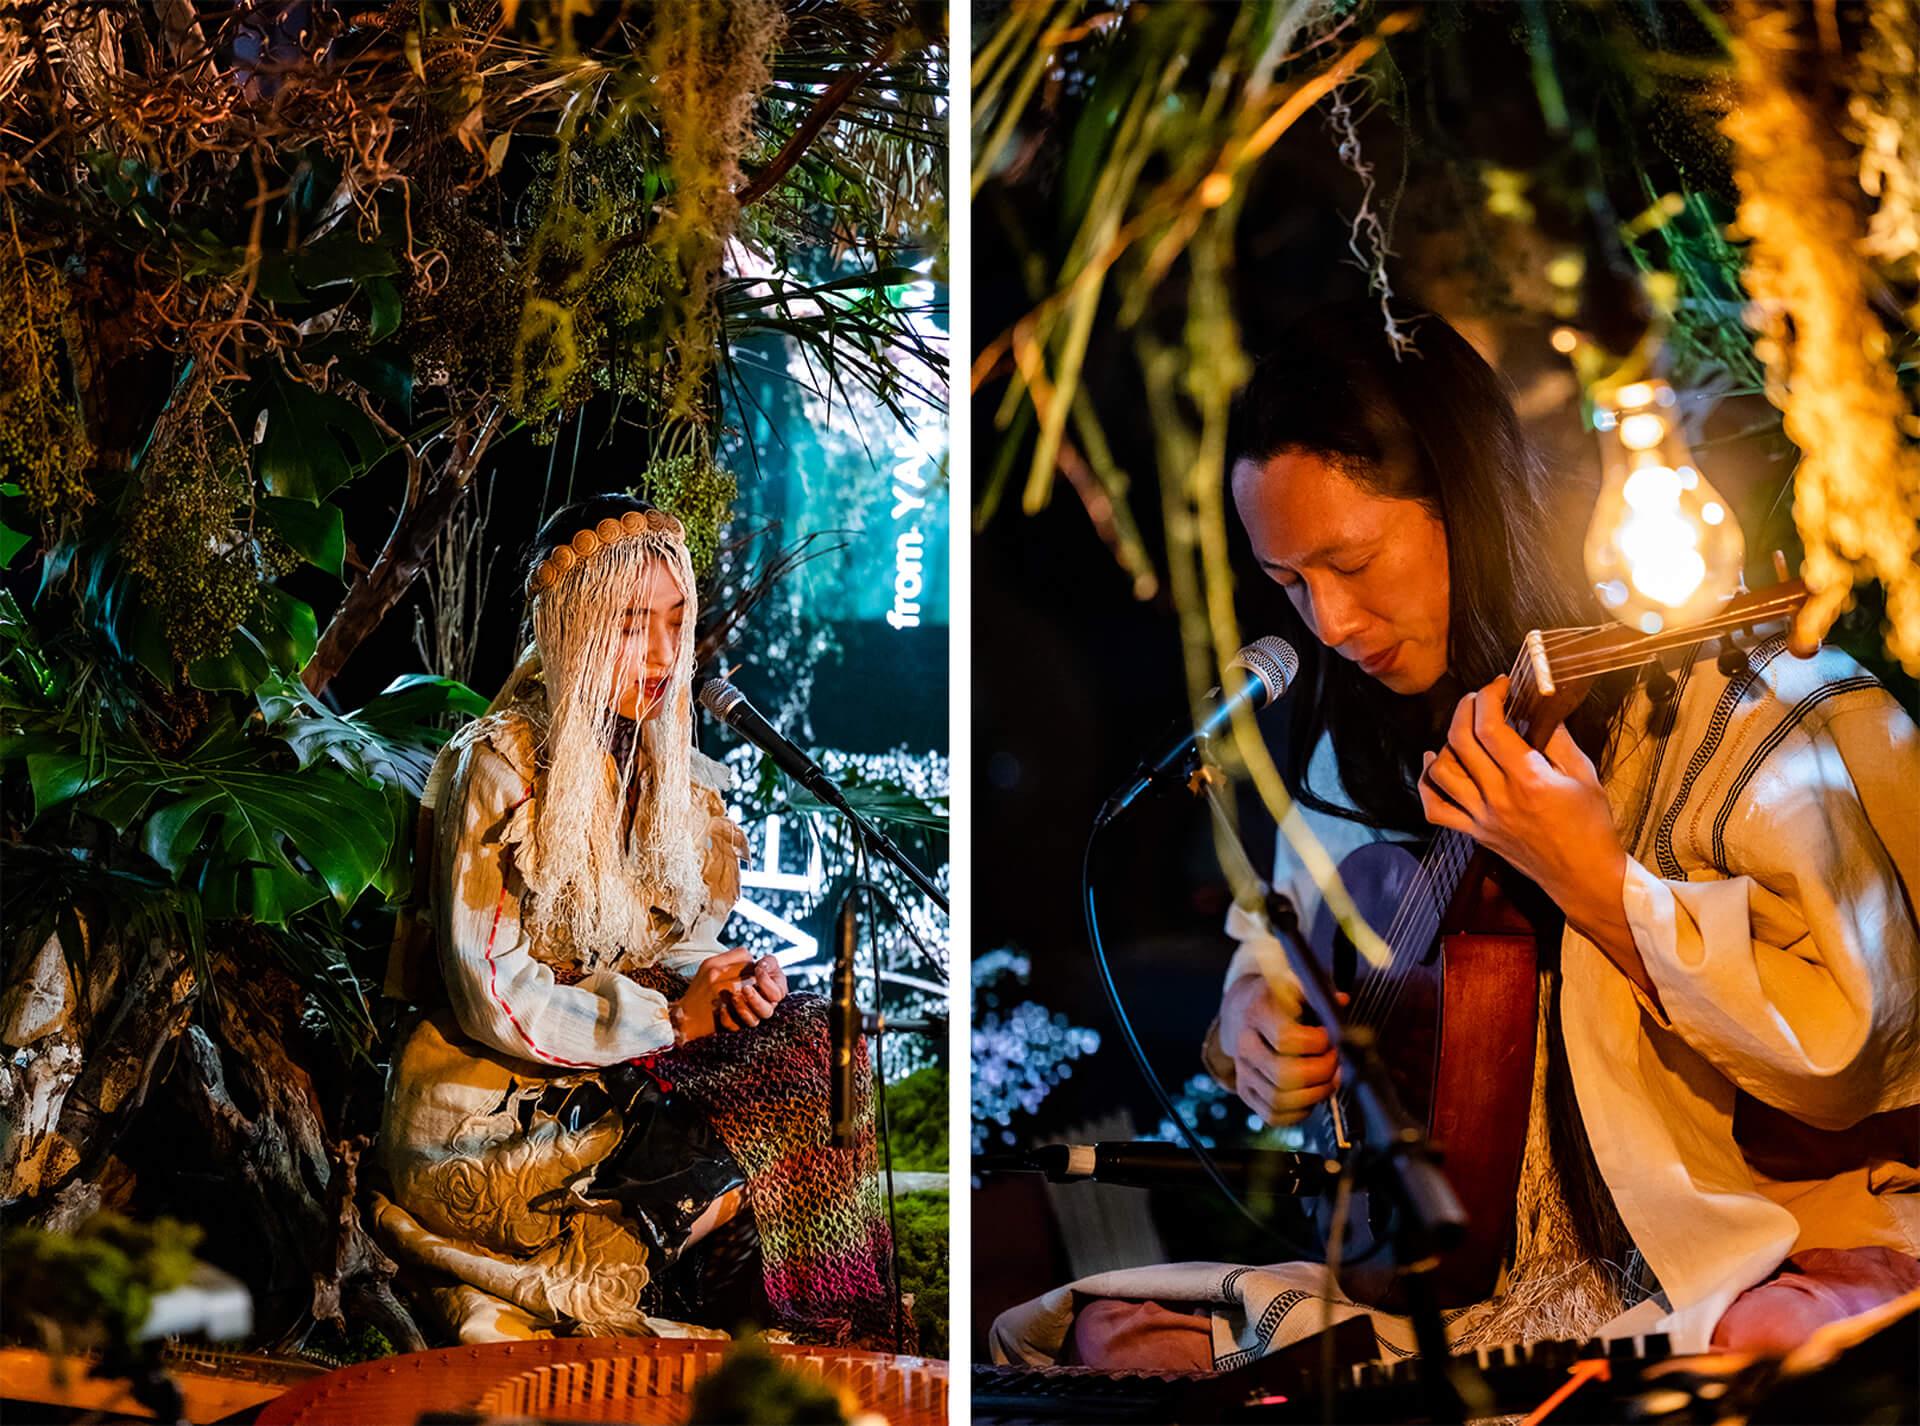 YAKUSHIMA TREASUREの死生観とポストコロナの表現|屋久島の原生林でのライヴ作品『ANOTHER LIVE』に迫る music210219_yakushimatreasure_002